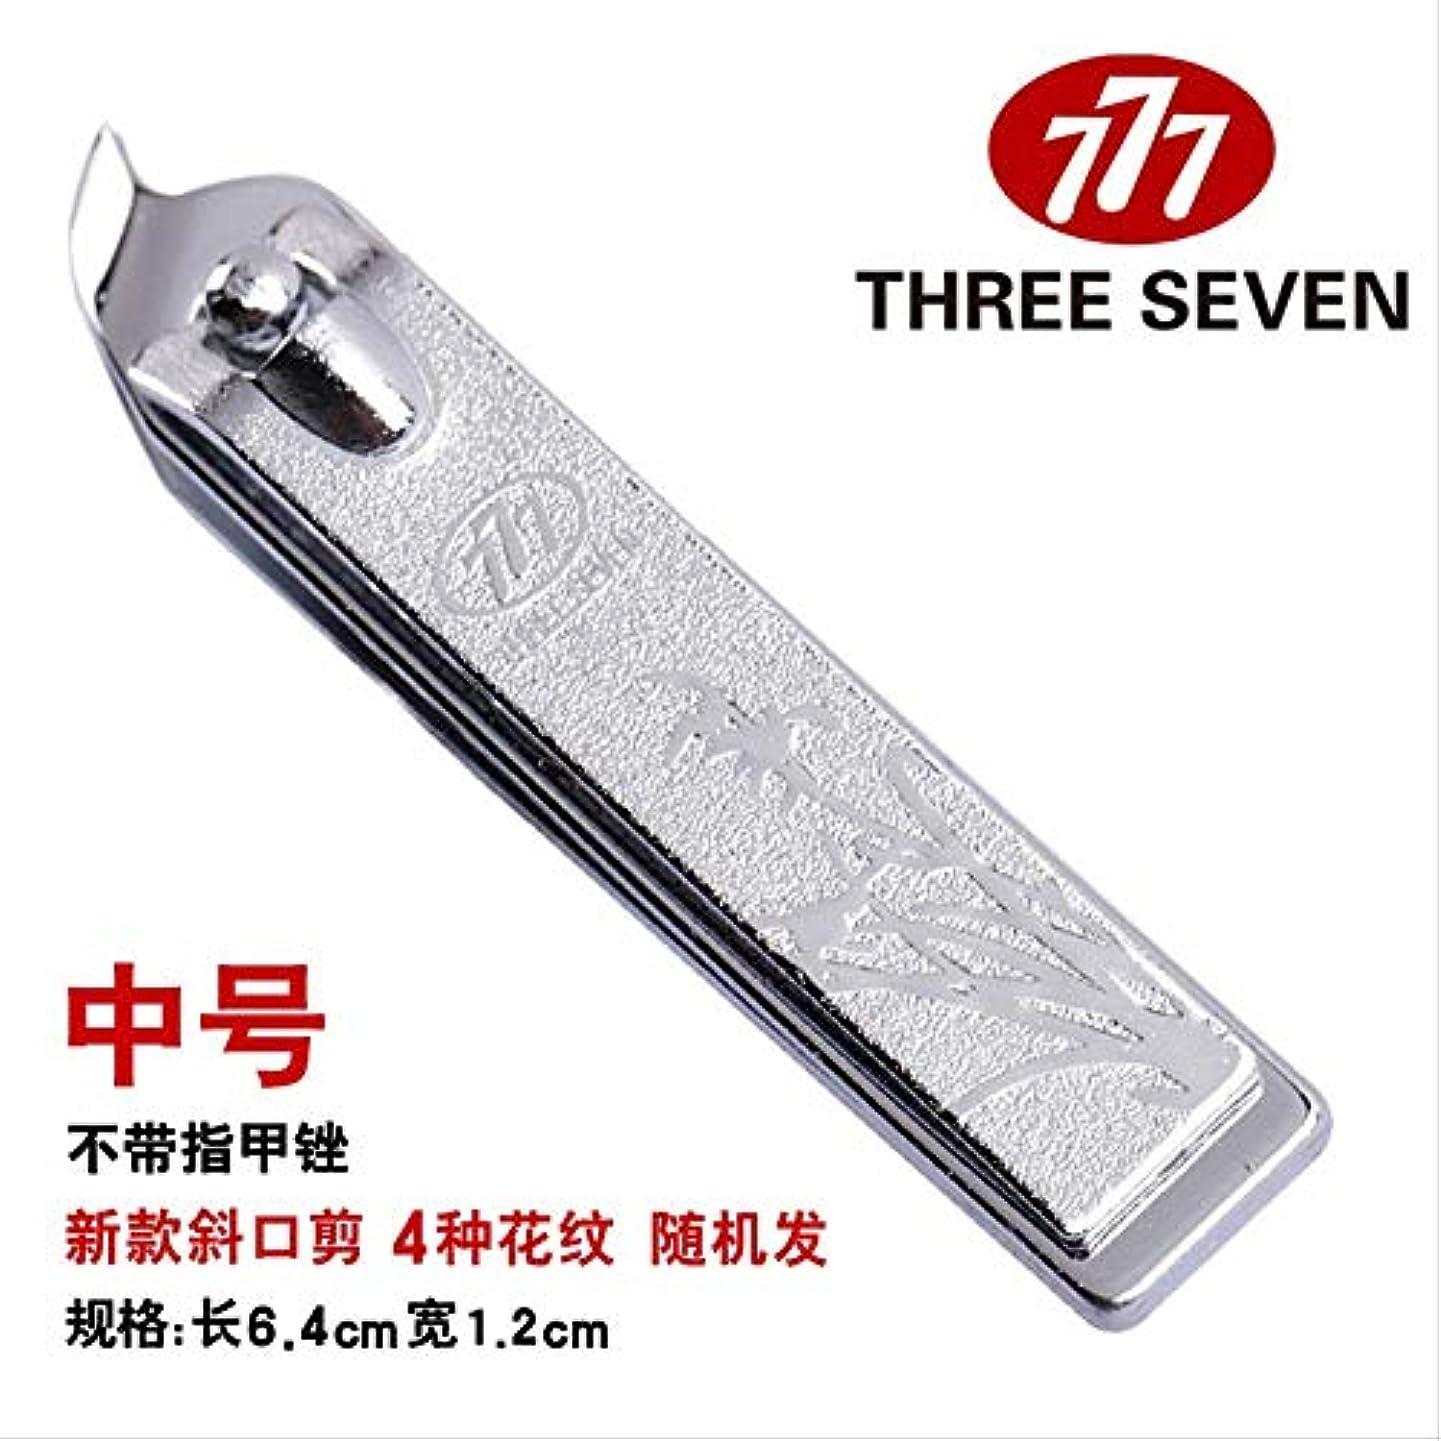 普及湖不愉快に韓国777爪切りはさみ元平口斜め爪切り小さな爪切り大本物 CT-121YAG